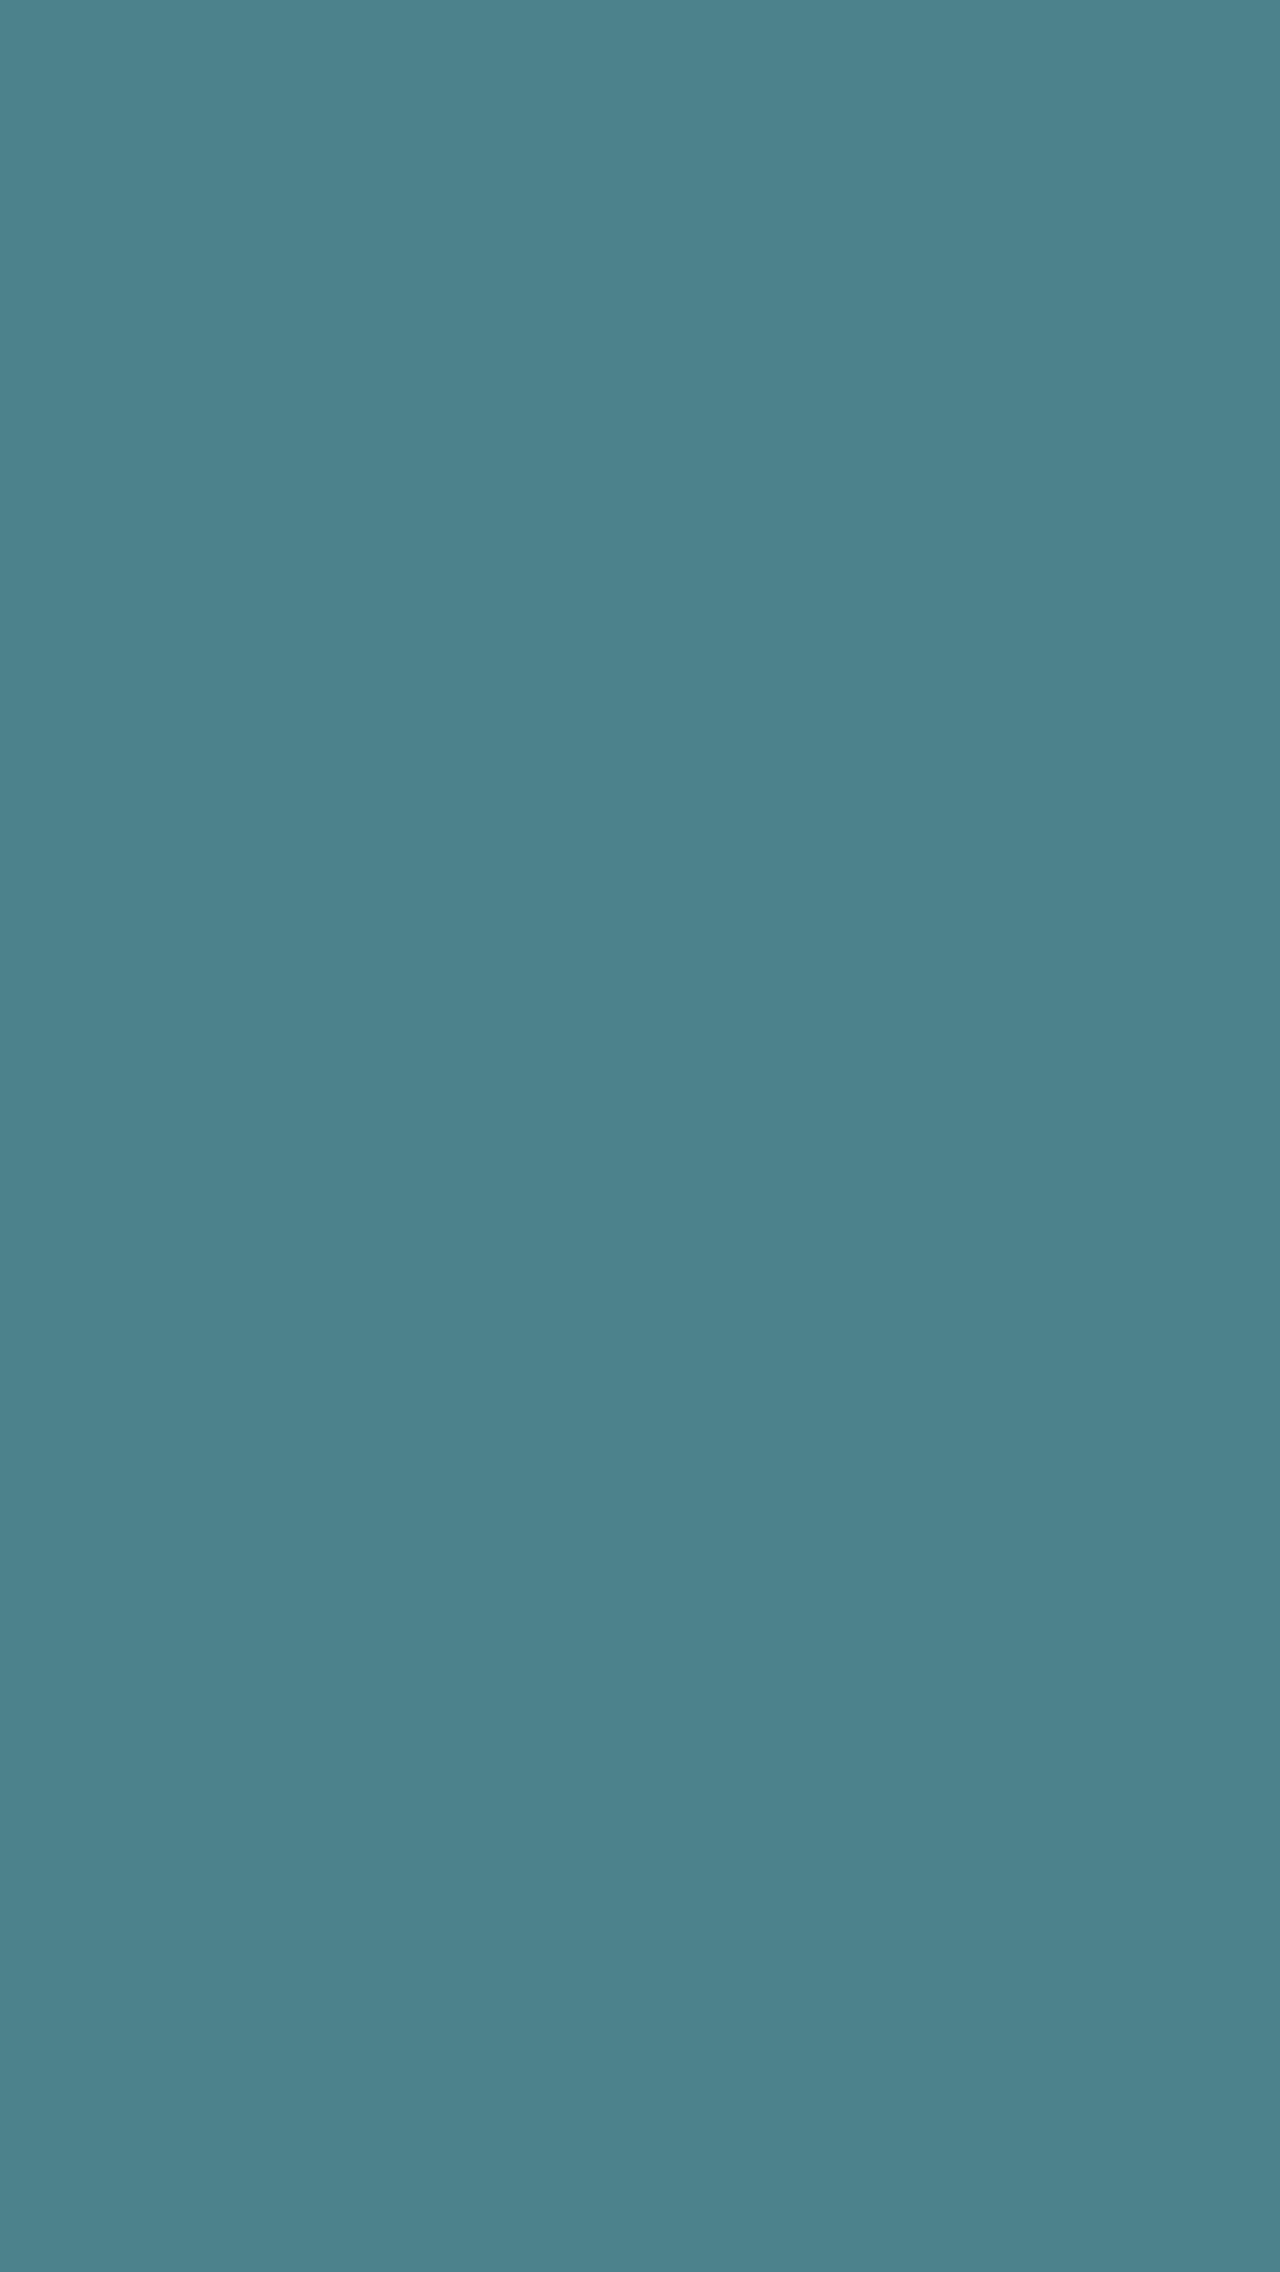 les couleurs unies papier peint ffacbebcbdfdccffb iphone backgrounds android